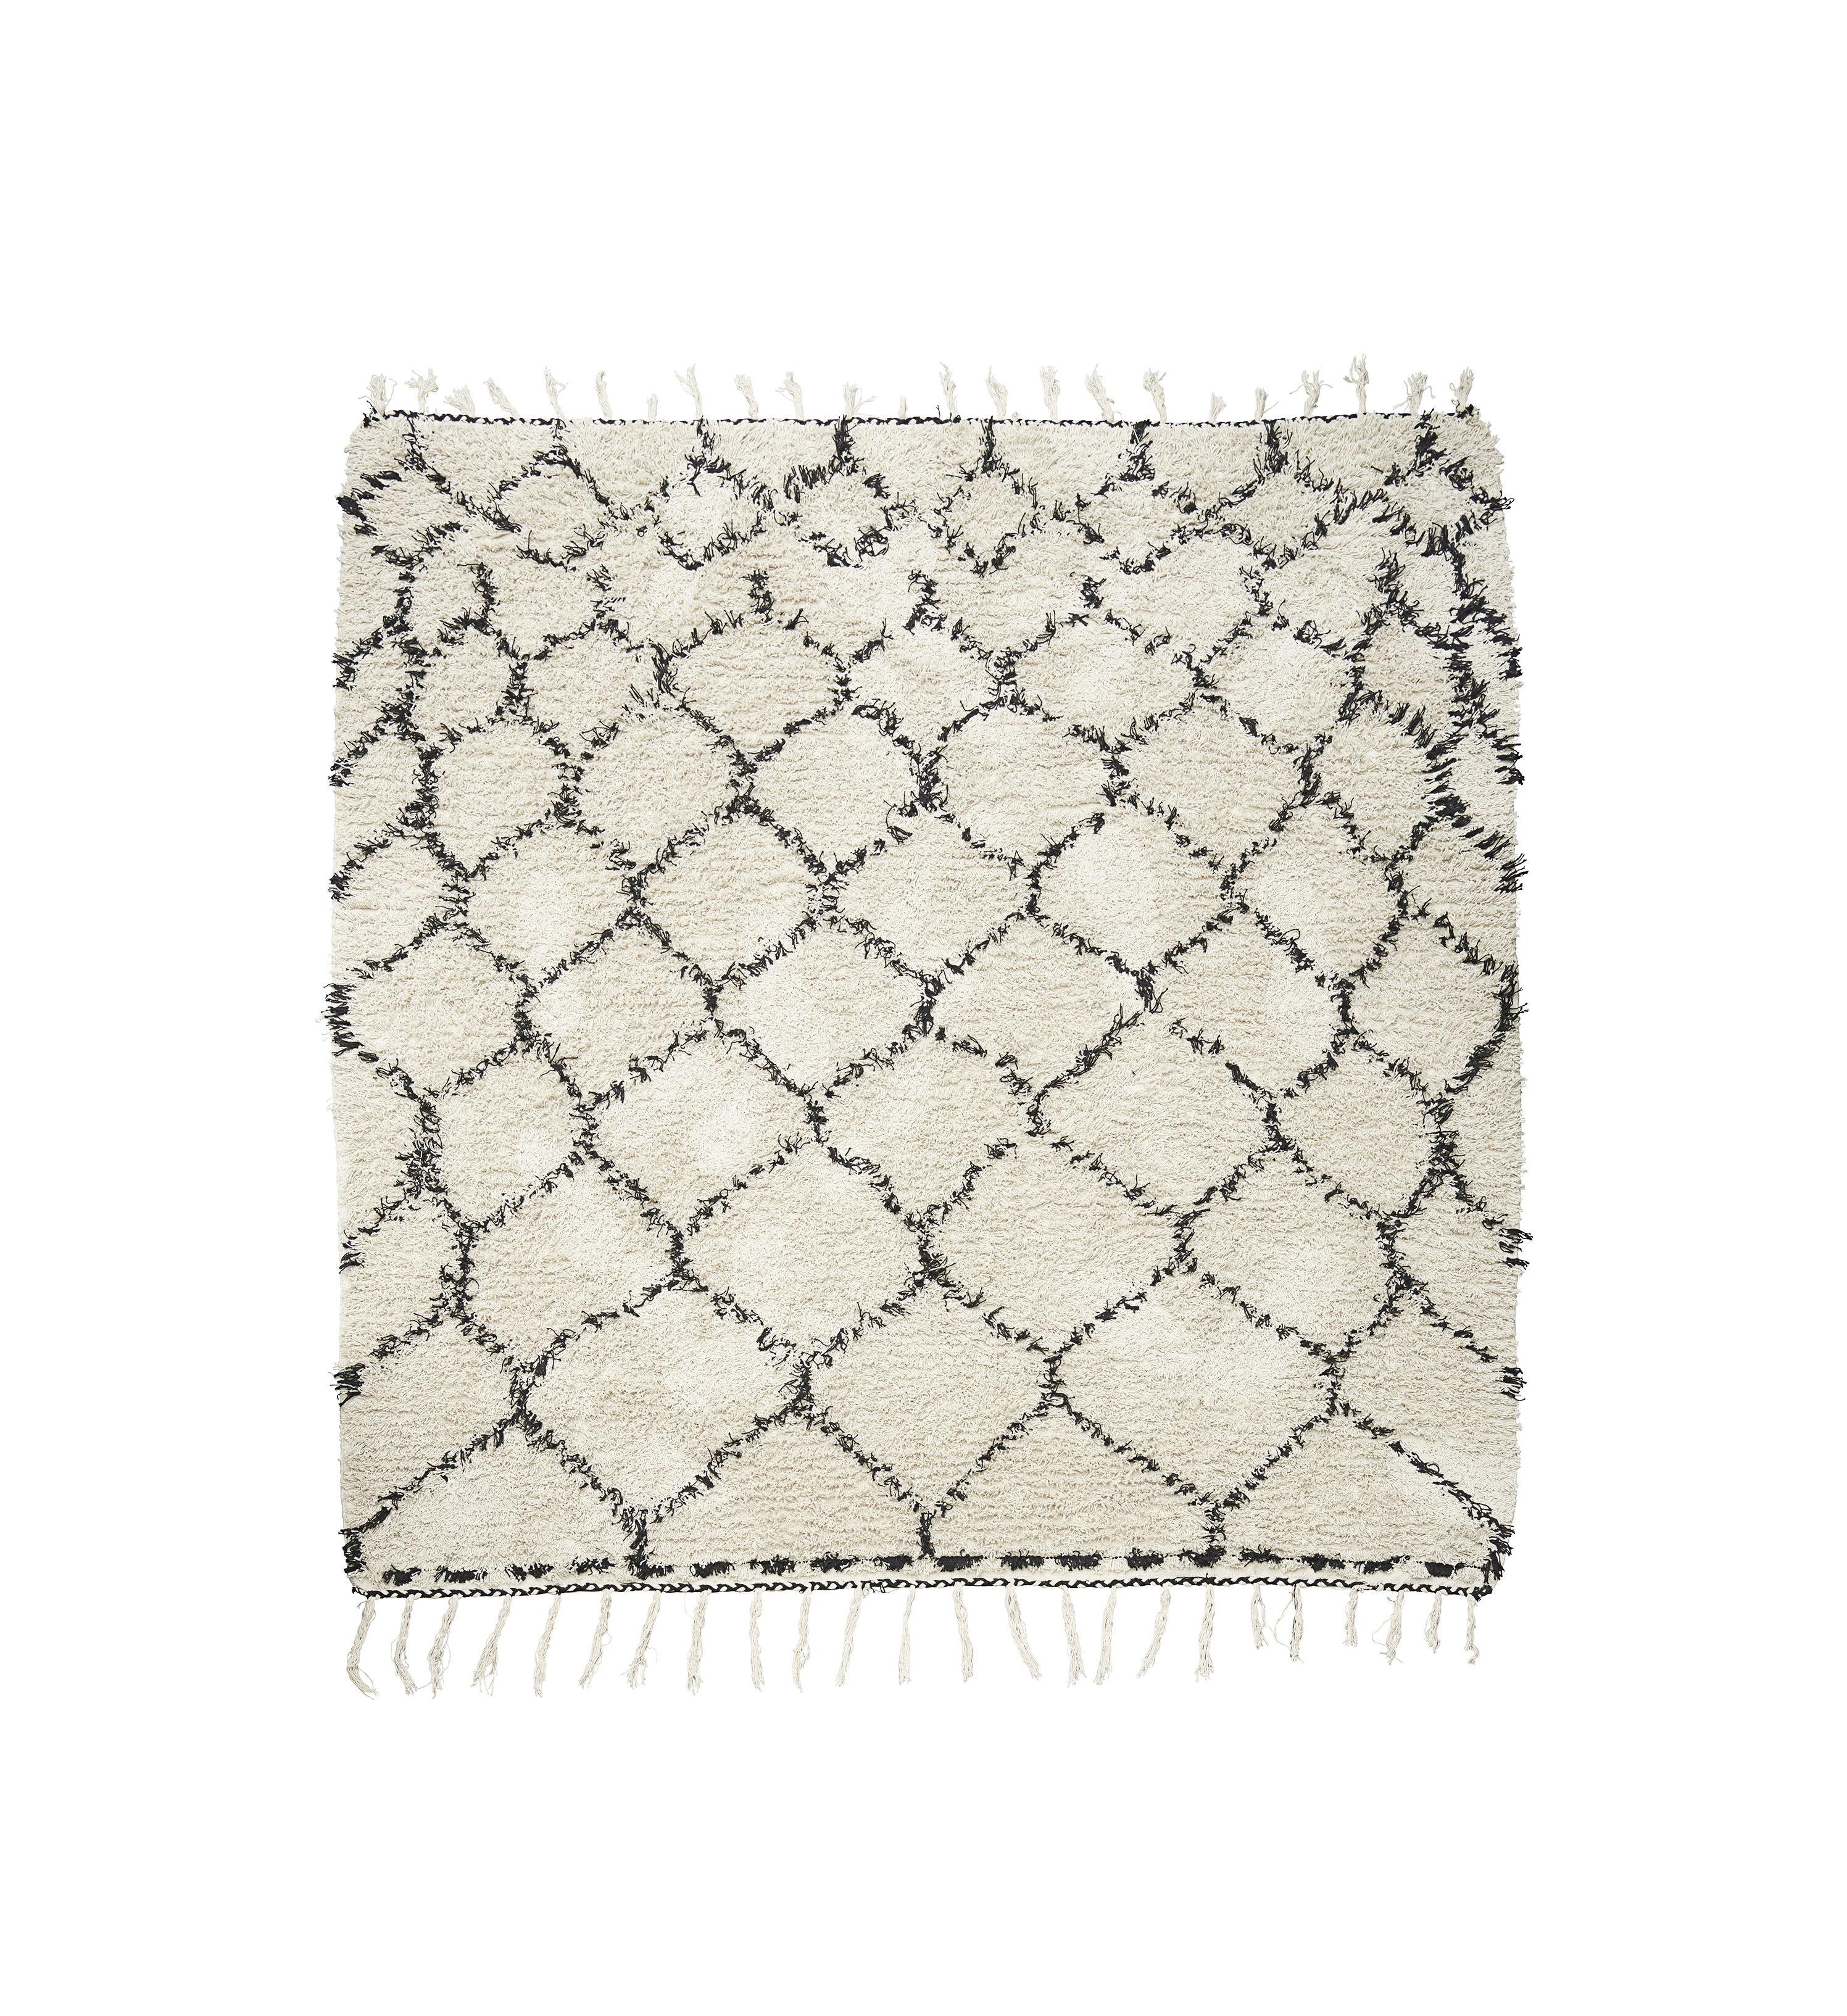 Déco - Tapis - Tapis Zena / 180 x 180 cm - House Doctor - Noir & blanc - Coton